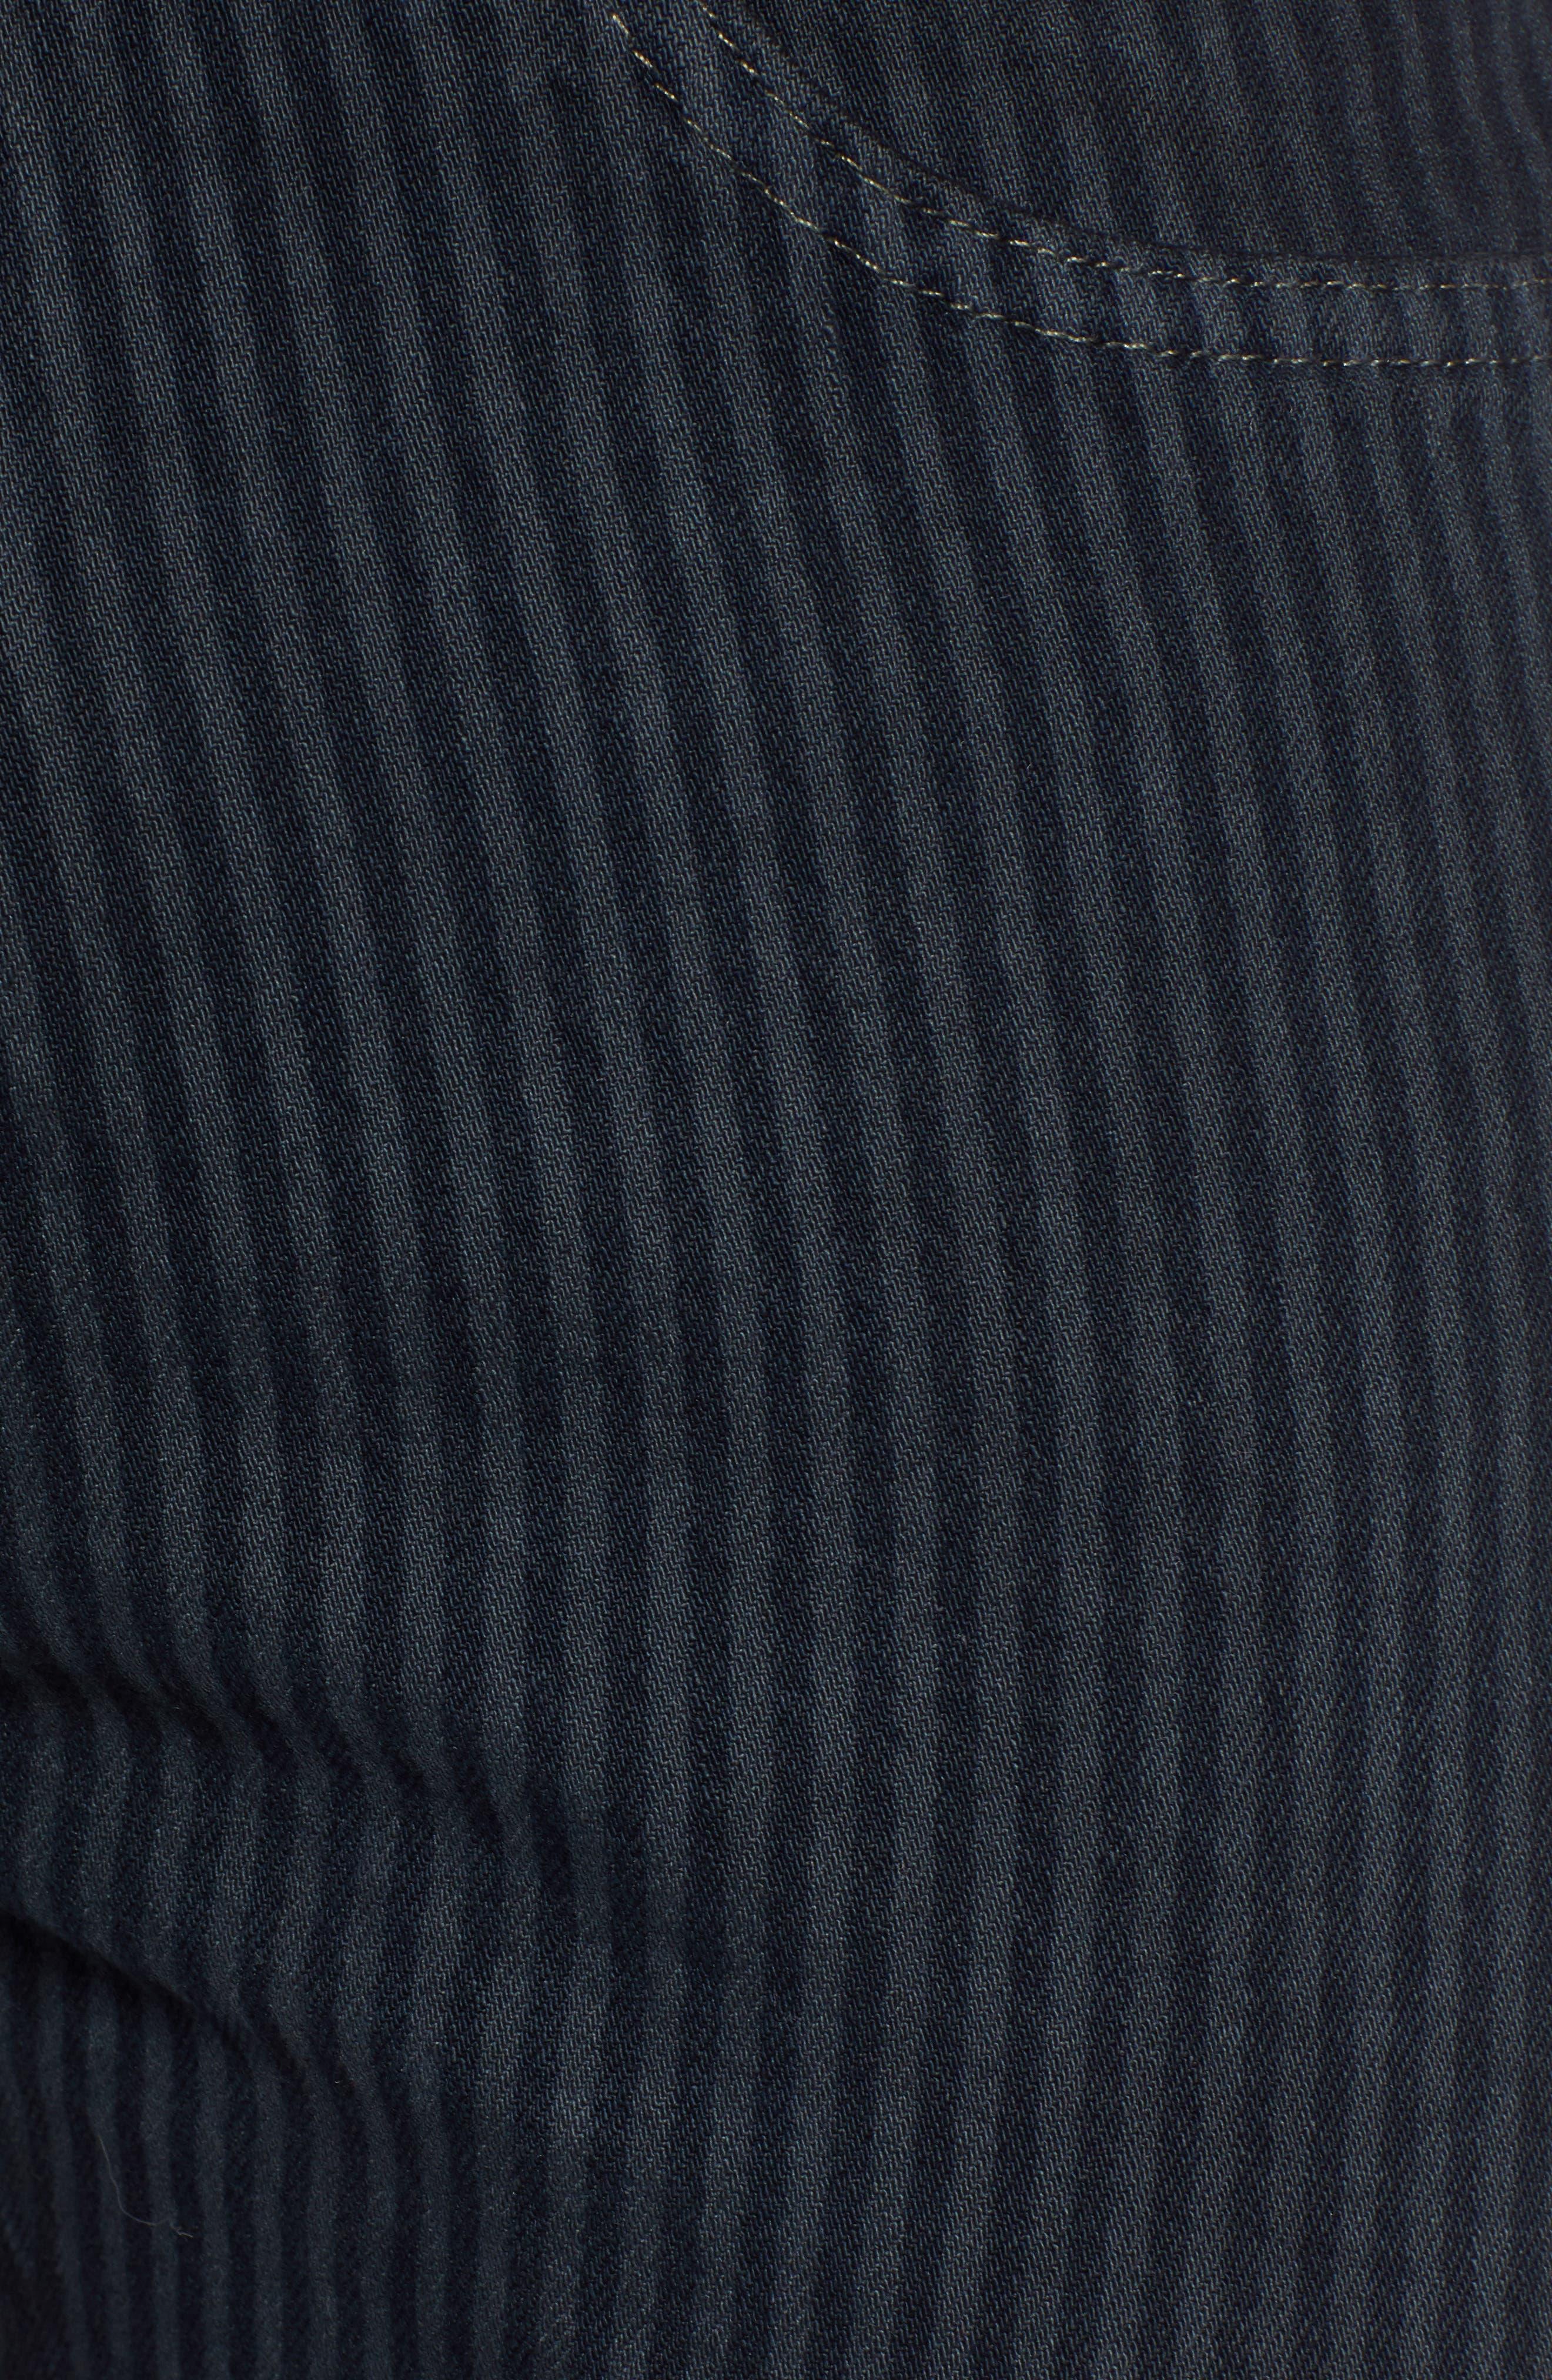 511<sup>™</sup> Stripe Slim Fit Jeans,                             Alternate thumbnail 5, color,                             PAUPER